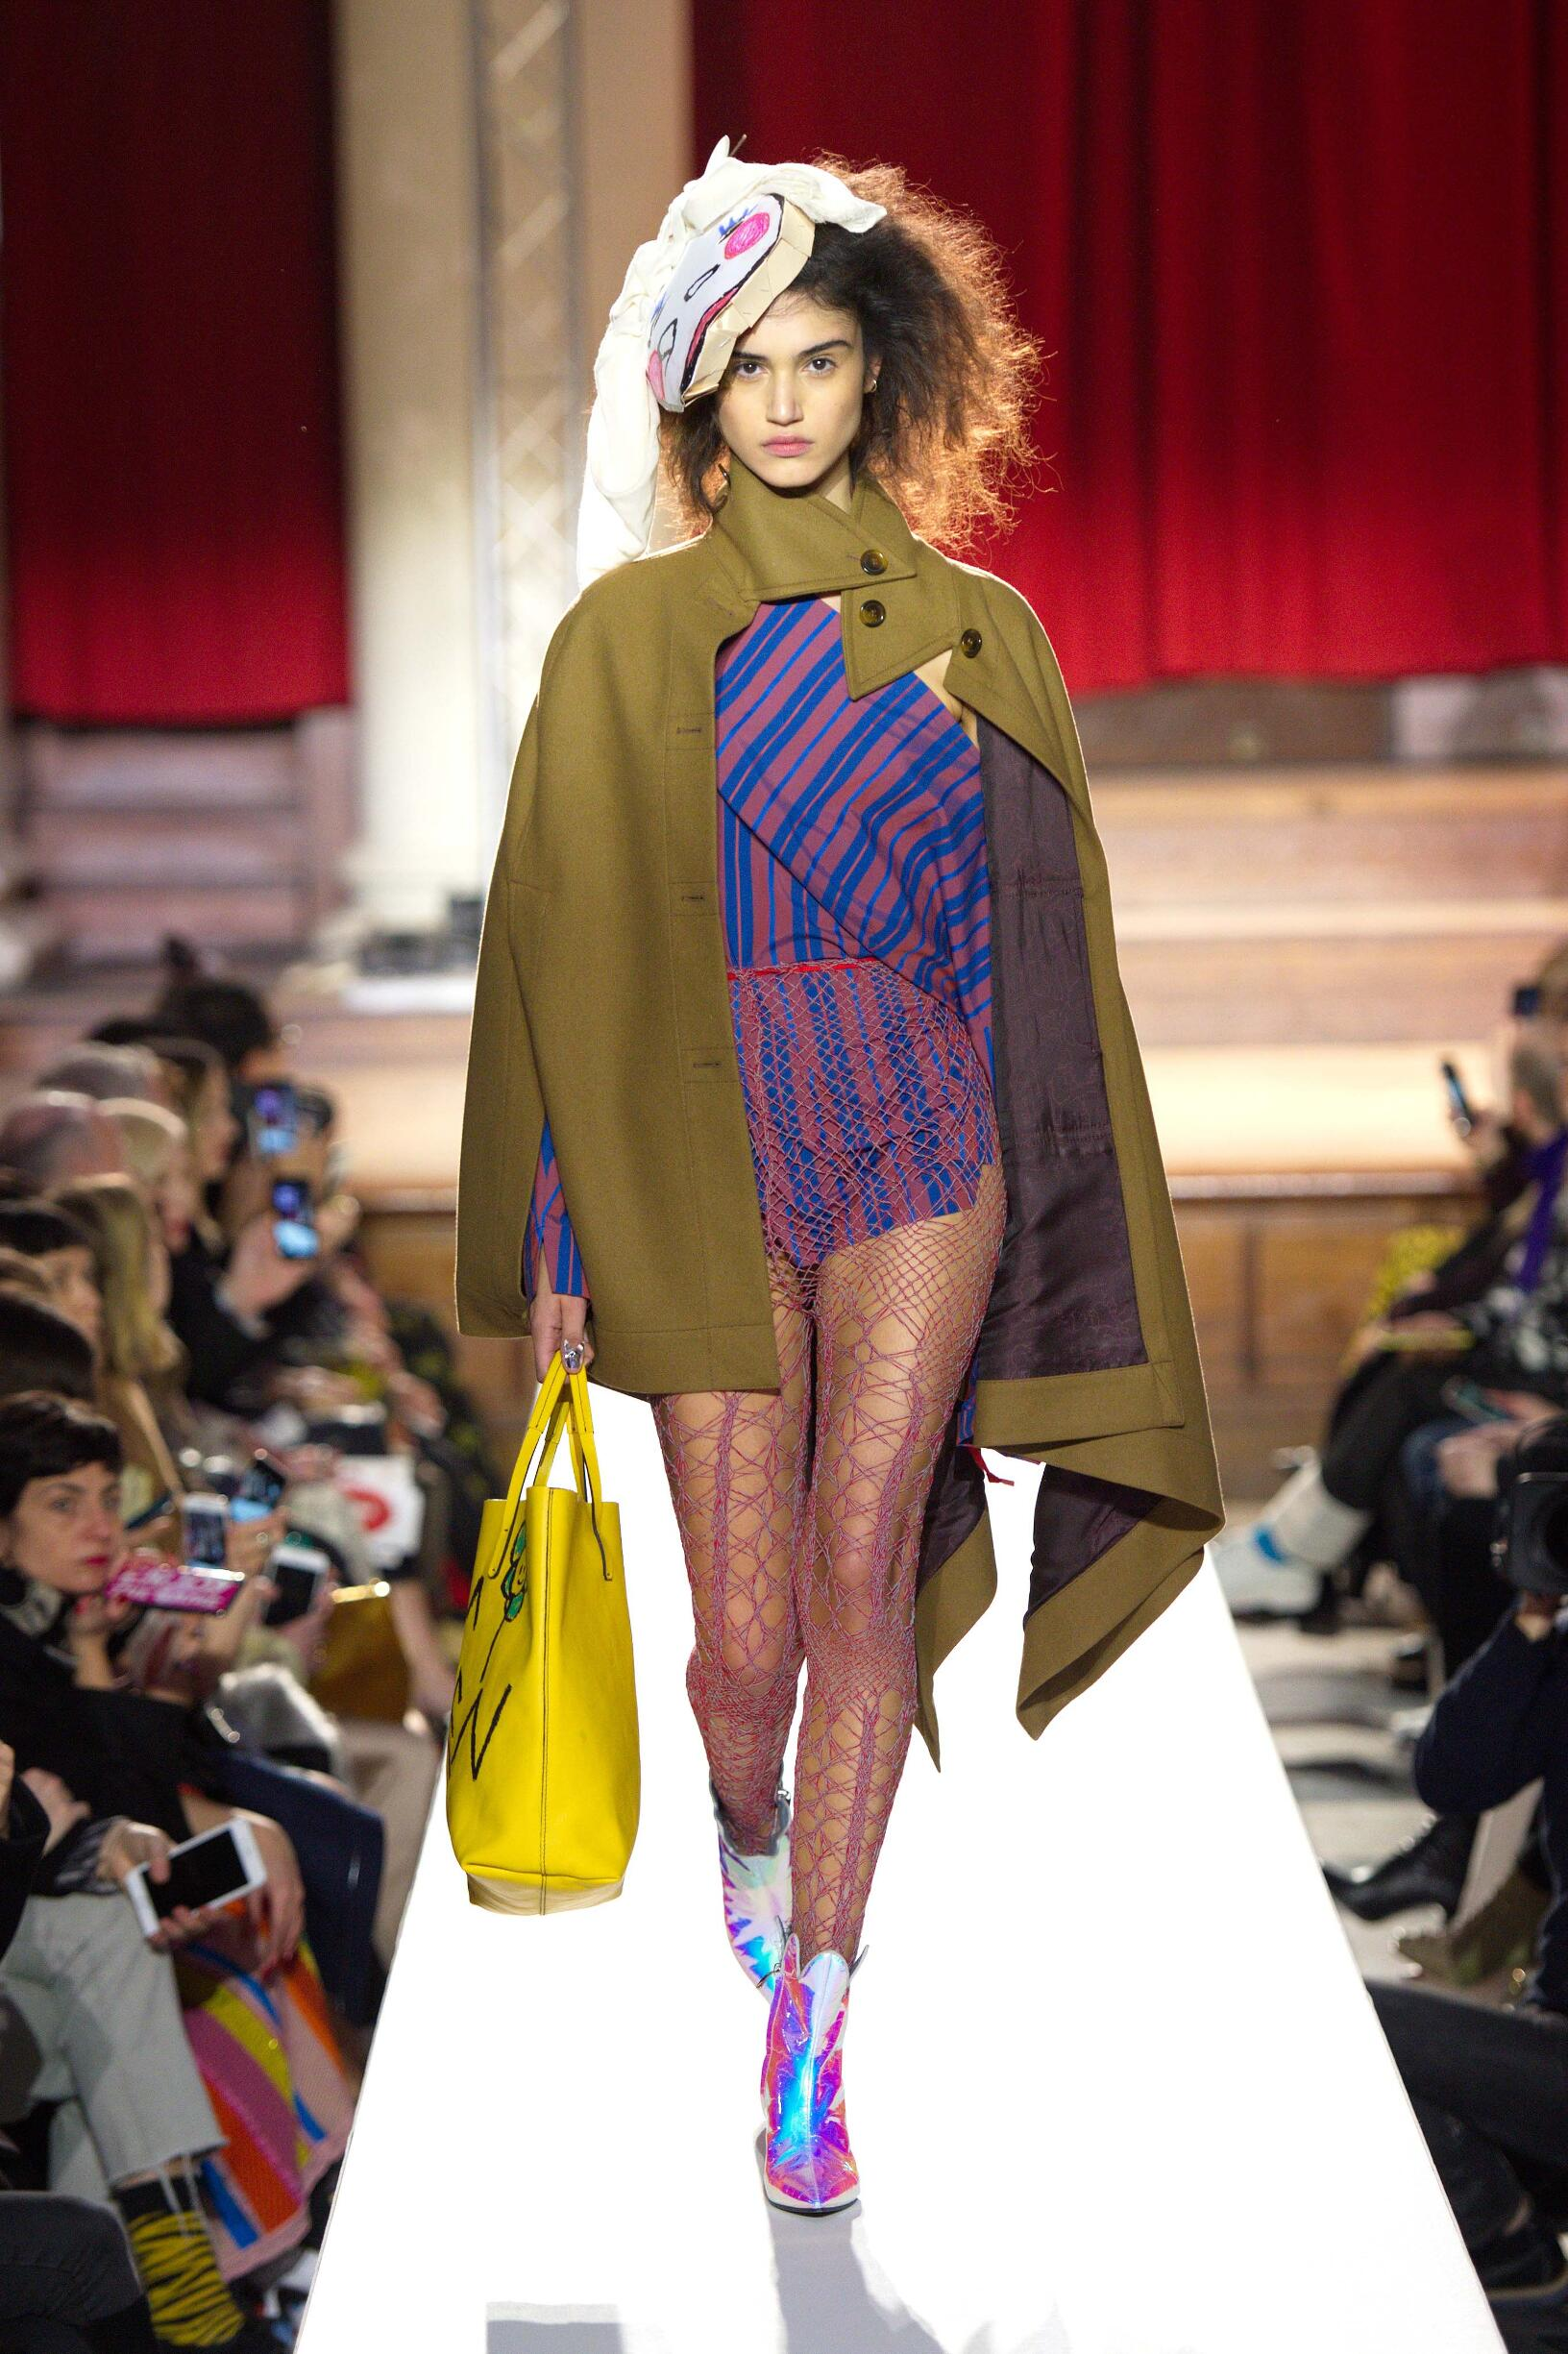 Vivienne Westwood London Fashion Week Womenswear Trends